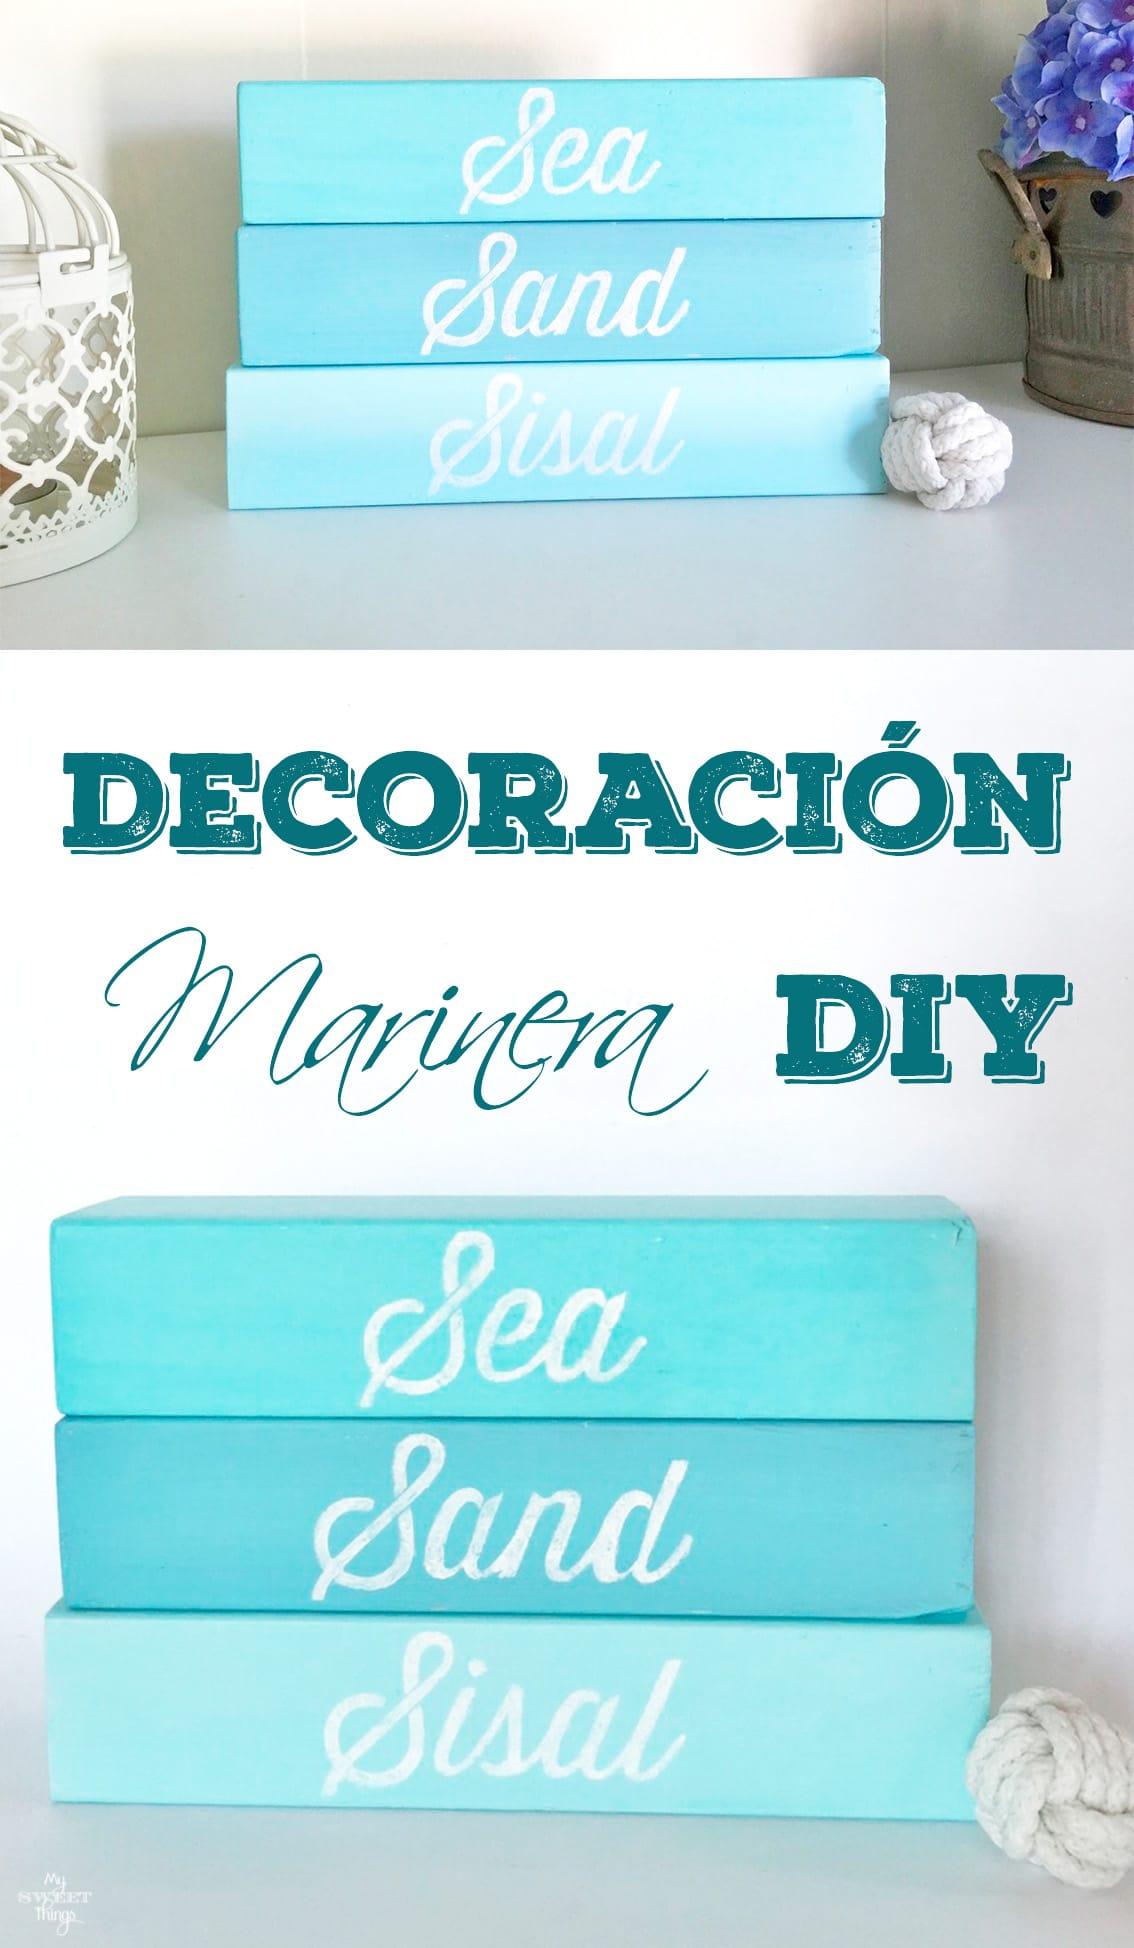 Decoración marinera DIY con madera y pintura  ·  My Sweet Things